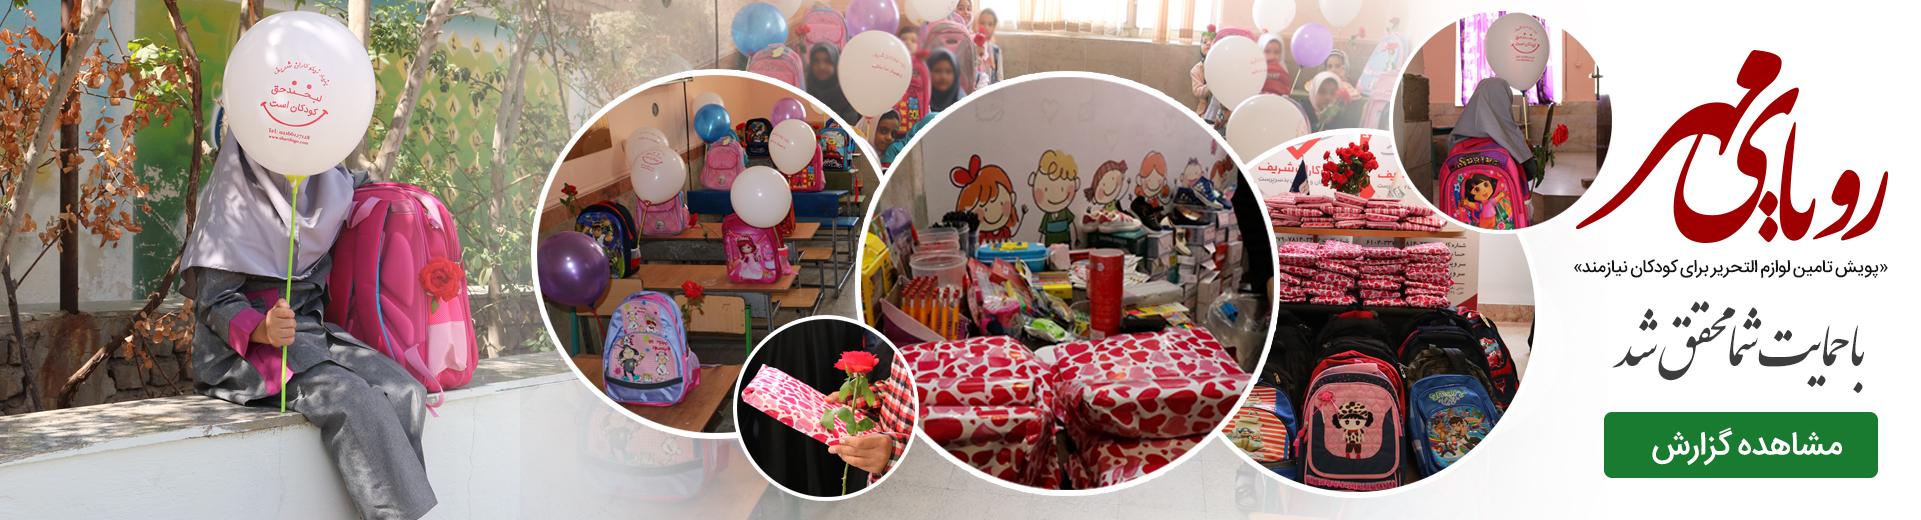 گزارش کمپین رویای مهر حمایت از تحصیل کودکان نیازمند موسسه خیریه نیکوکاران شریف